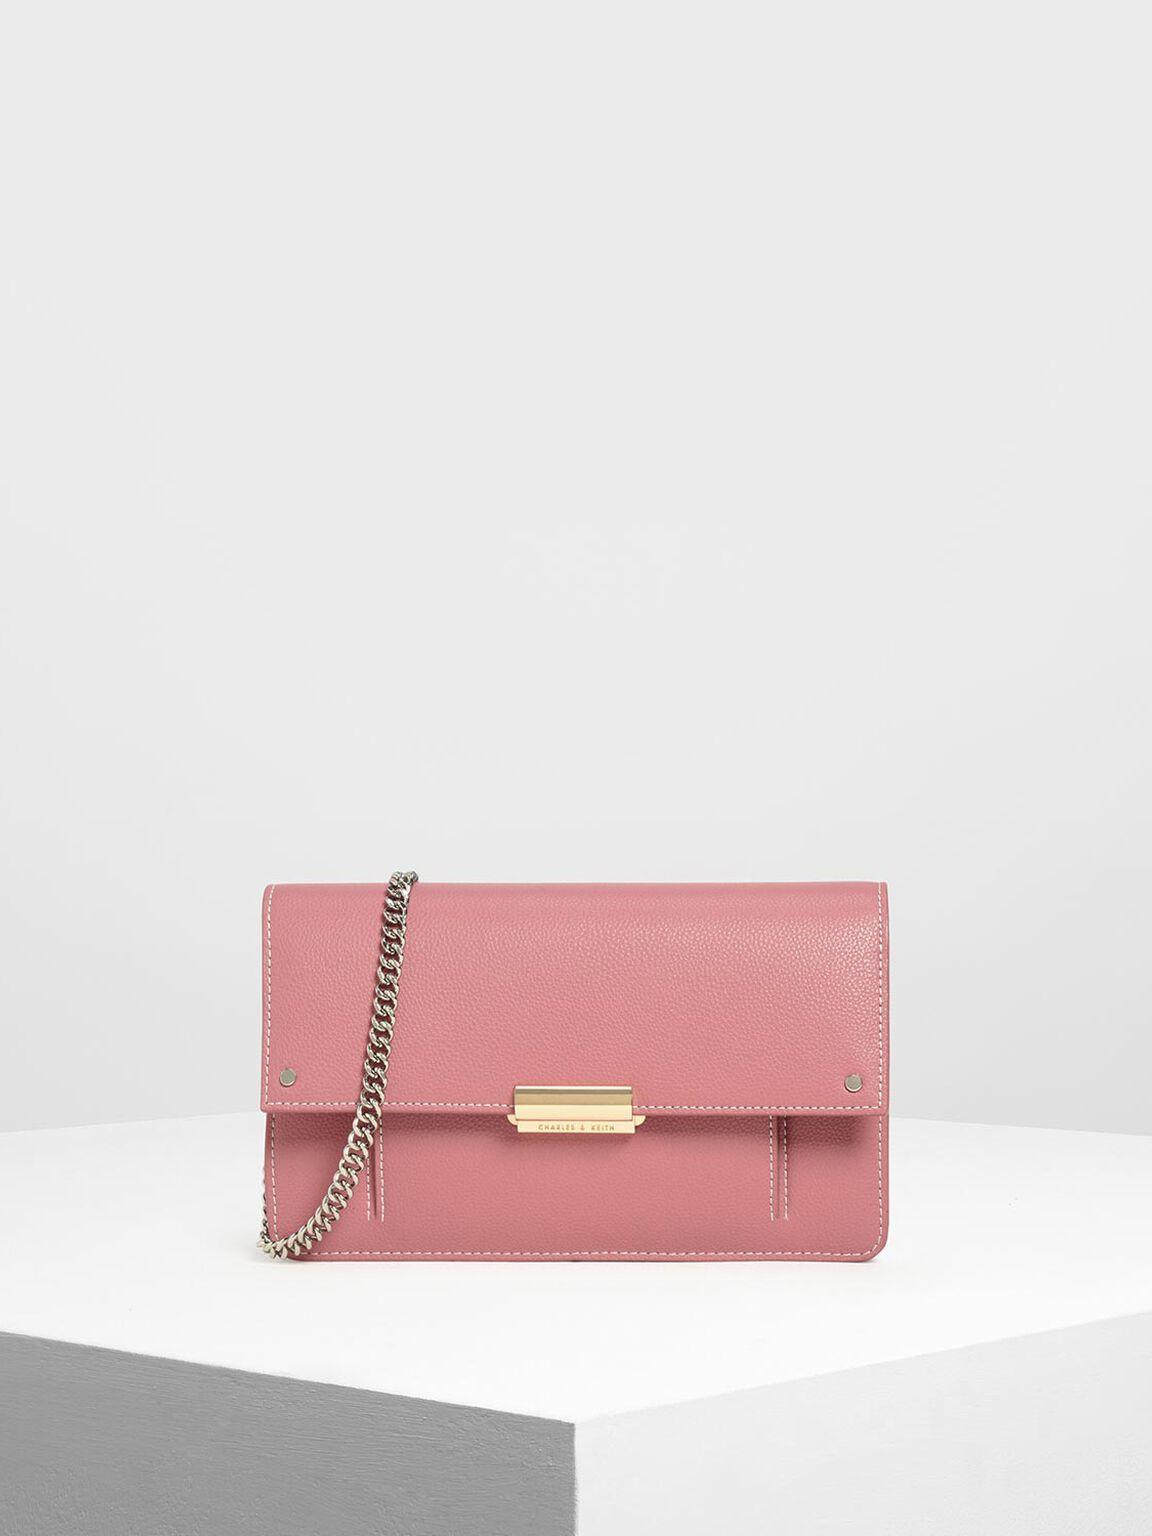 掀蓋鍊條長夾, 粉紅色, hi-res